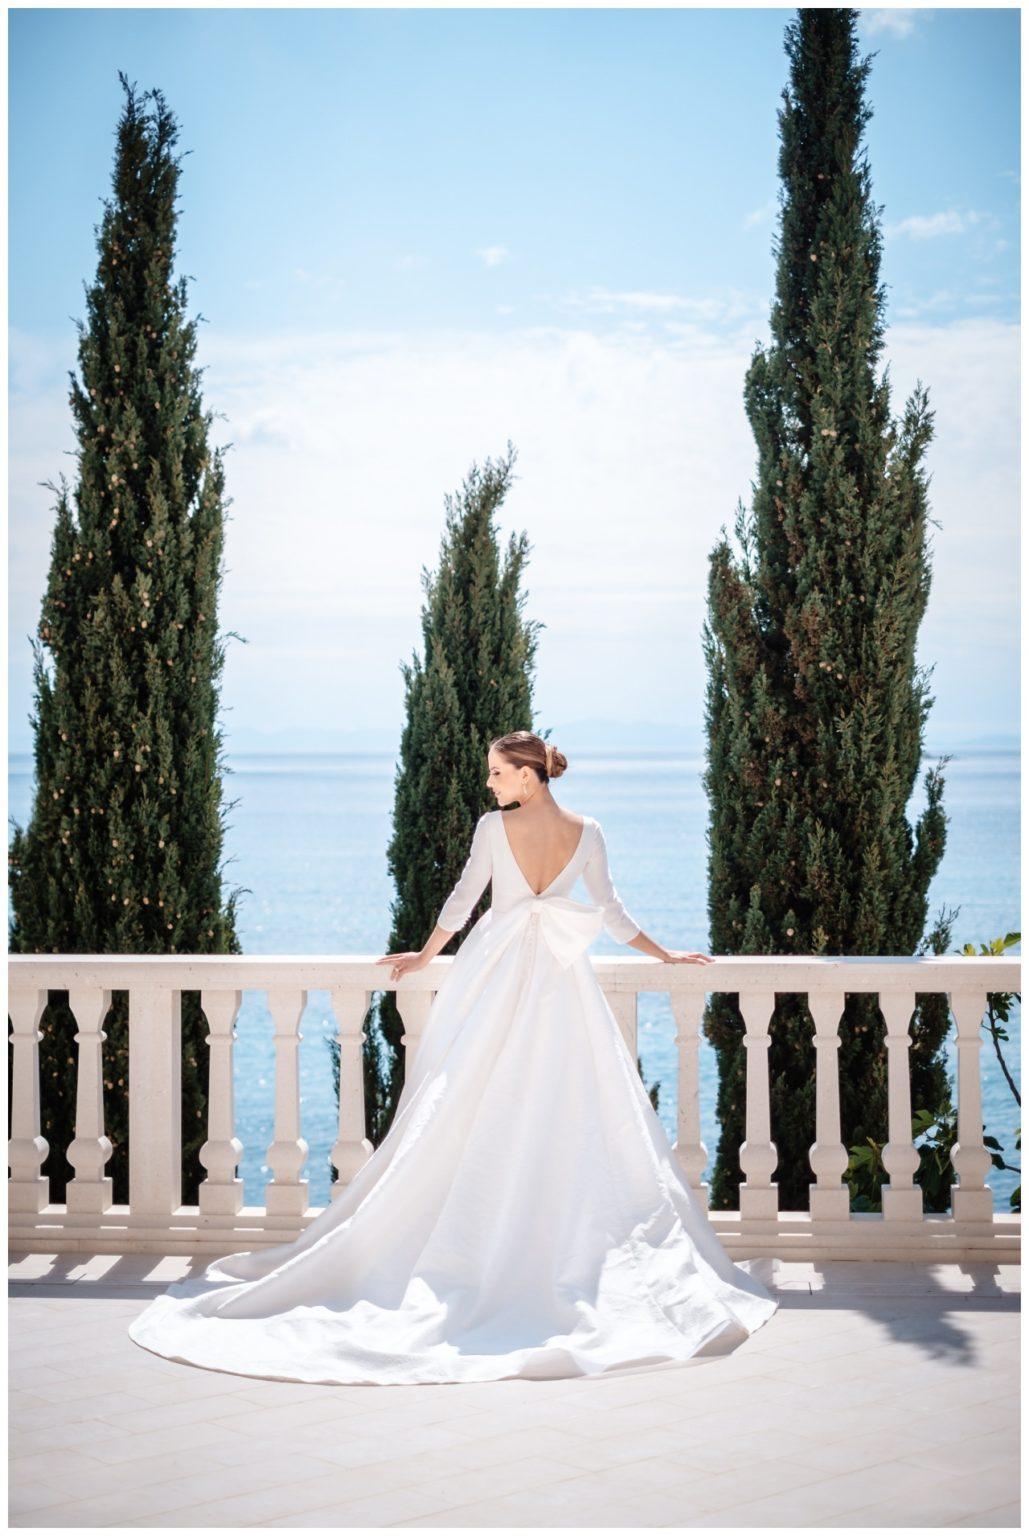 Hochzeit Kroatien Hochzeitsplanung Hochzeitsplaner Fotograf 5 - Luxuriöse Hochzeit in Weiß